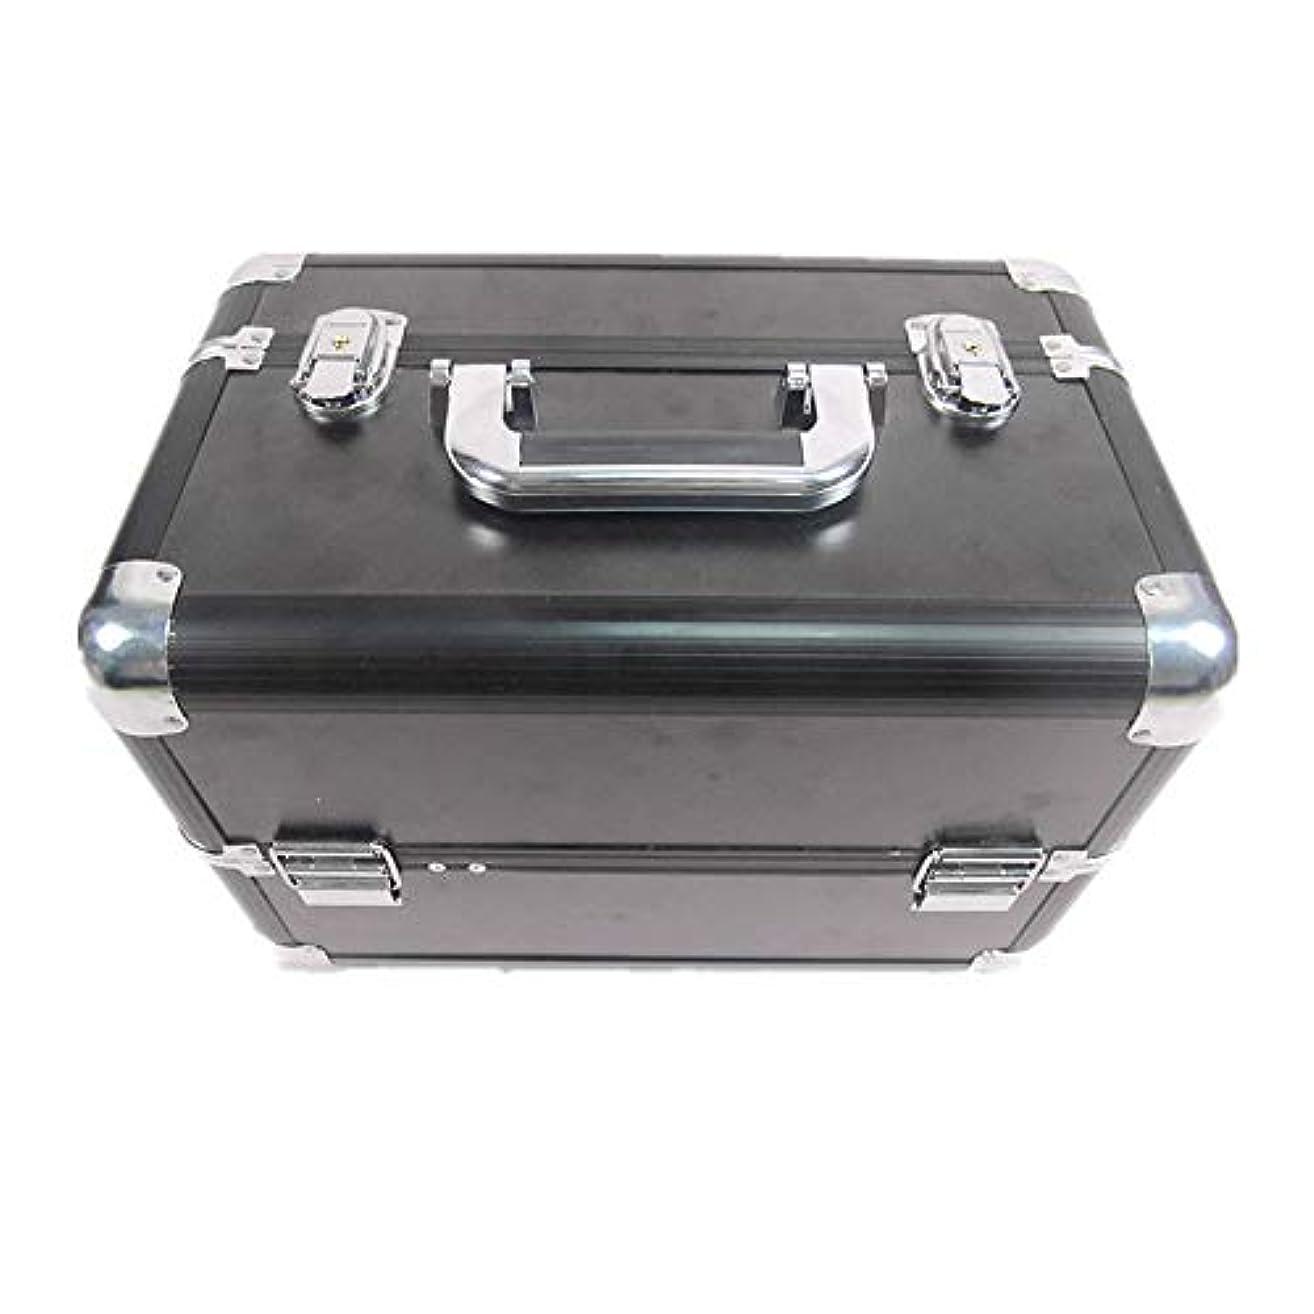 縞模様の著作権執着化粧オーガナイザーバッグ 大容量ポータブル化粧ケース(トラベルアクセサリー用)シャンプーボディウォッシュパーソナルアイテム収納トレイ(エクステンショントレイ付) 化粧品ケース